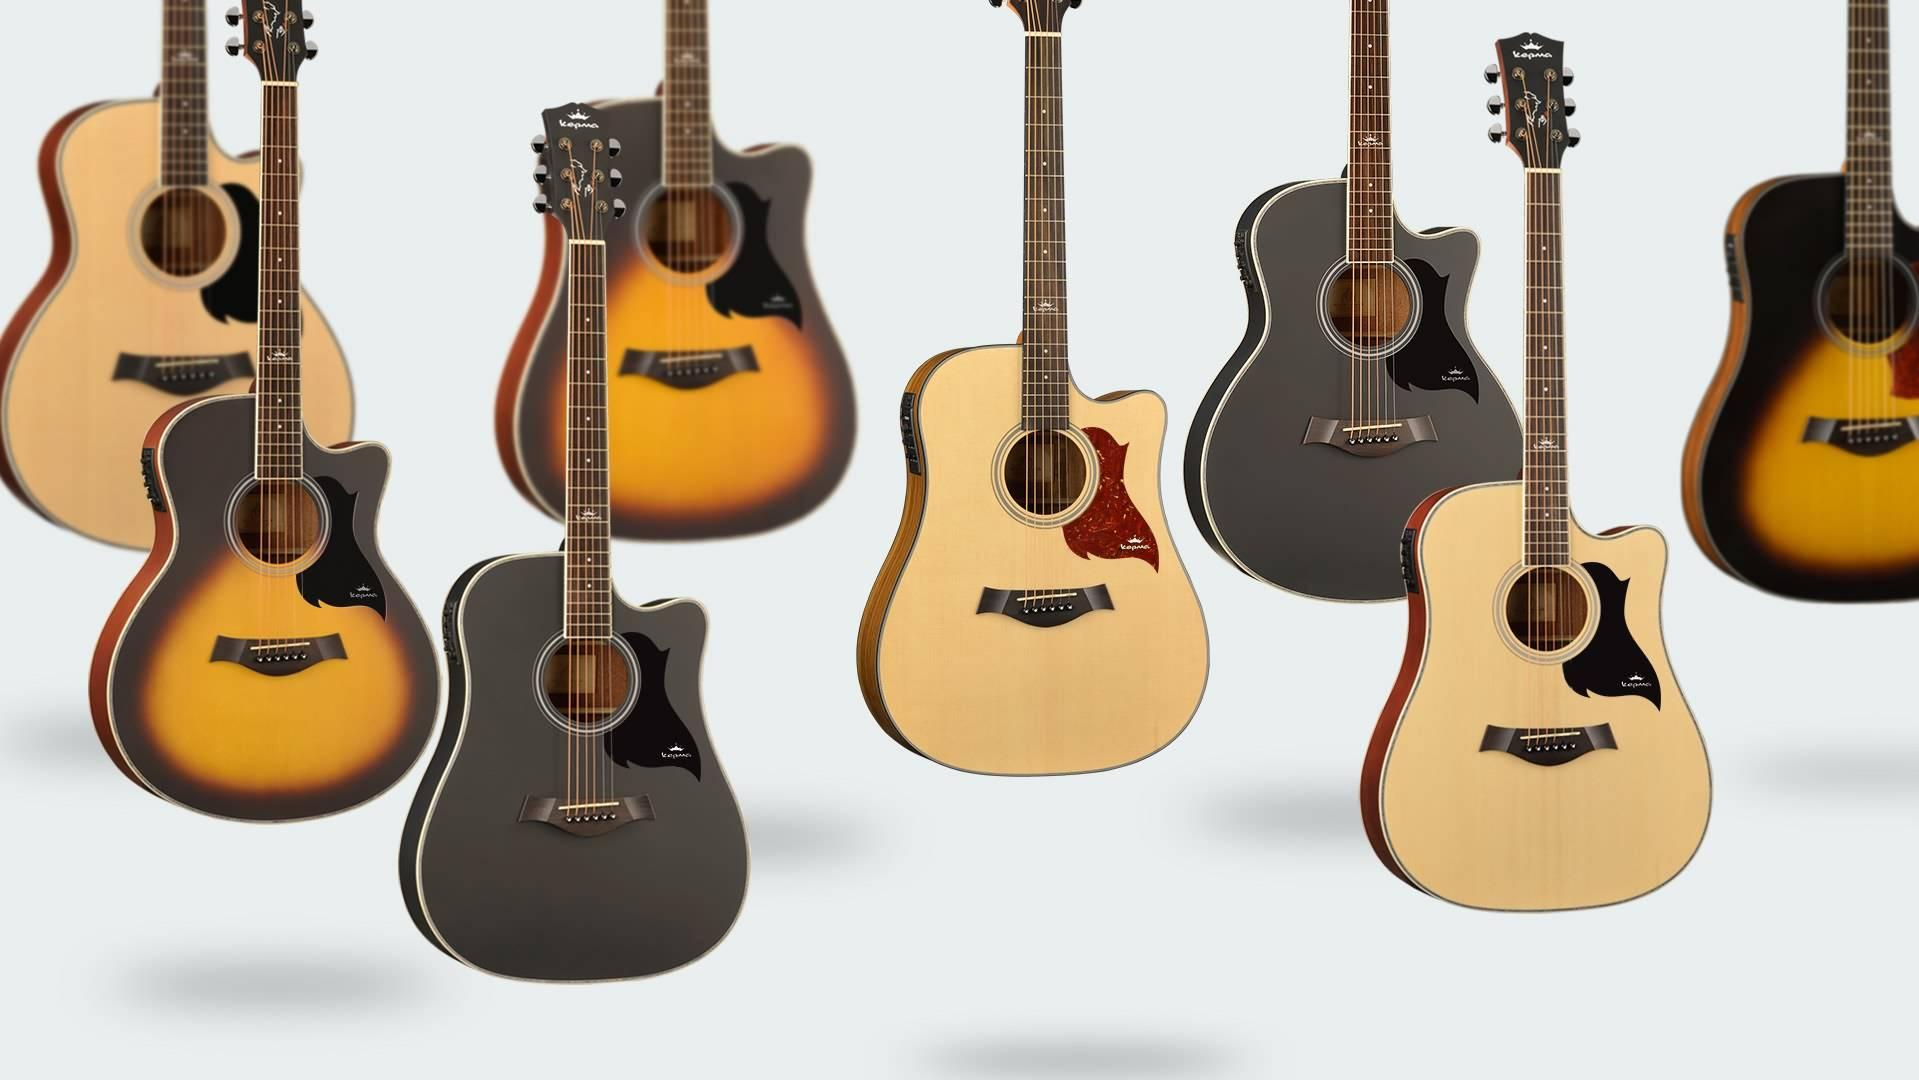 河南哪里有泰勒吉他价格_泰勒民谣吉他相关-河南欧乐乐器批发有限公司